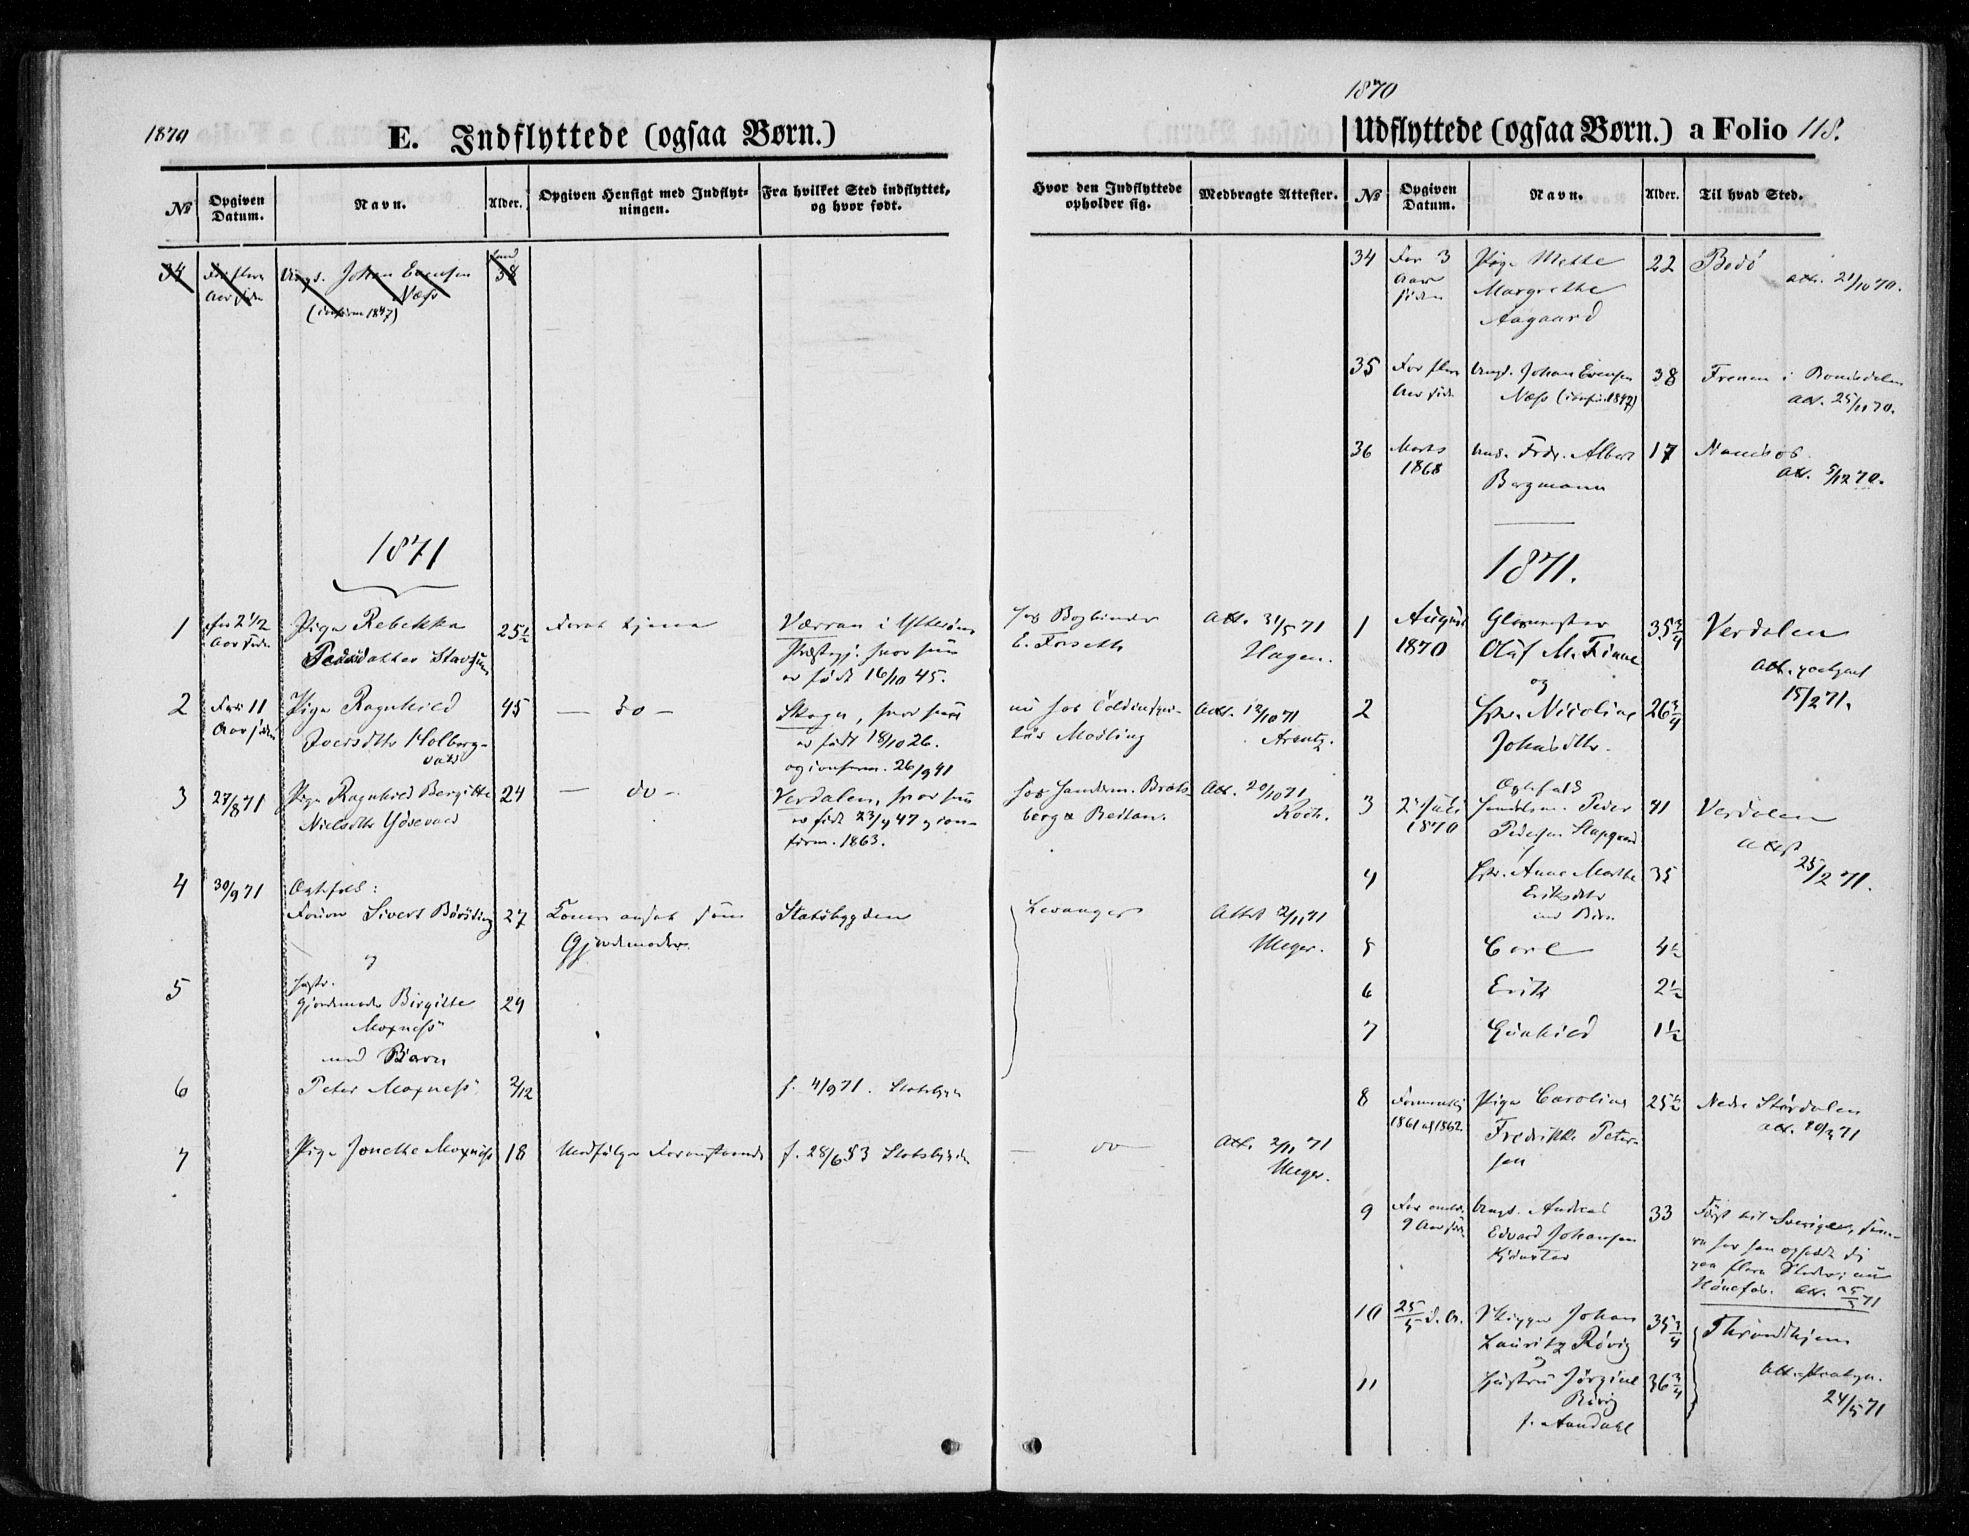 SAT, Ministerialprotokoller, klokkerbøker og fødselsregistre - Nord-Trøndelag, 720/L0186: Ministerialbok nr. 720A03, 1864-1874, s. 118